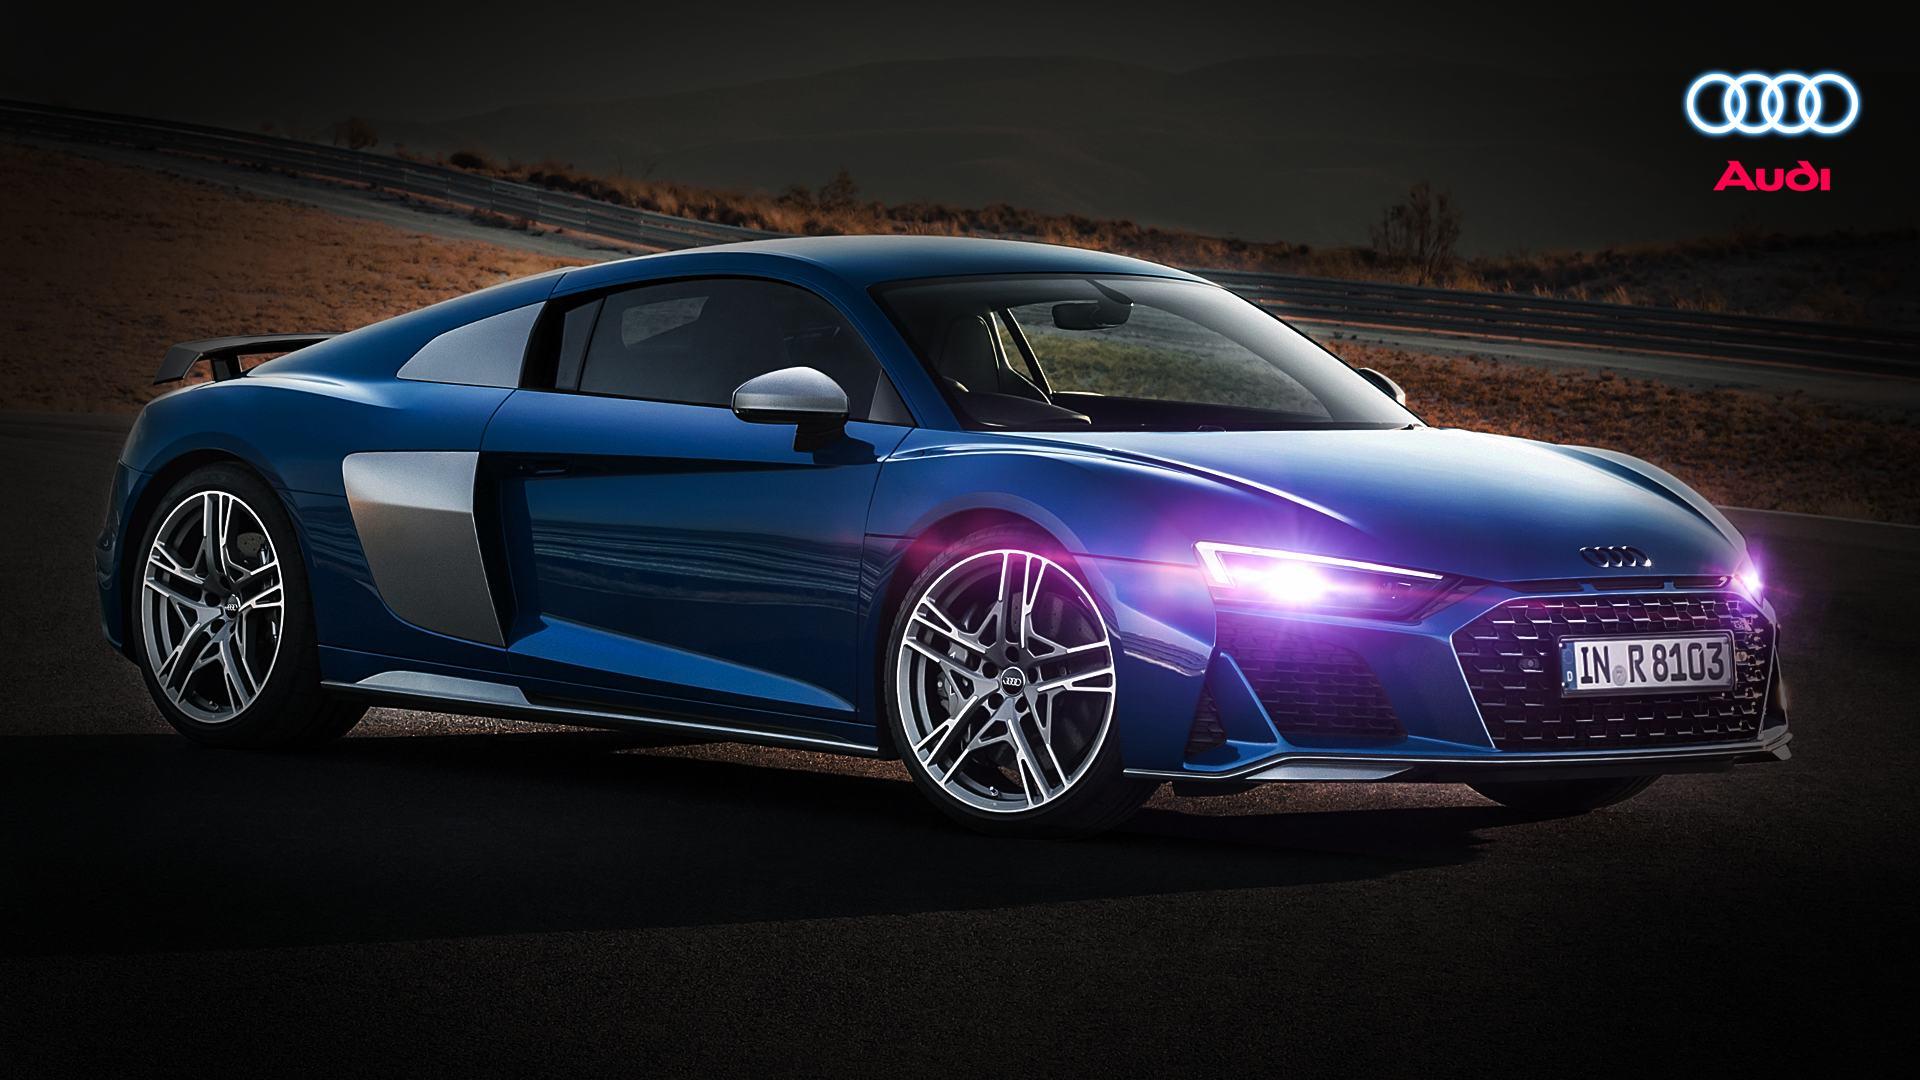 Audi R8 Wallpaper Hd